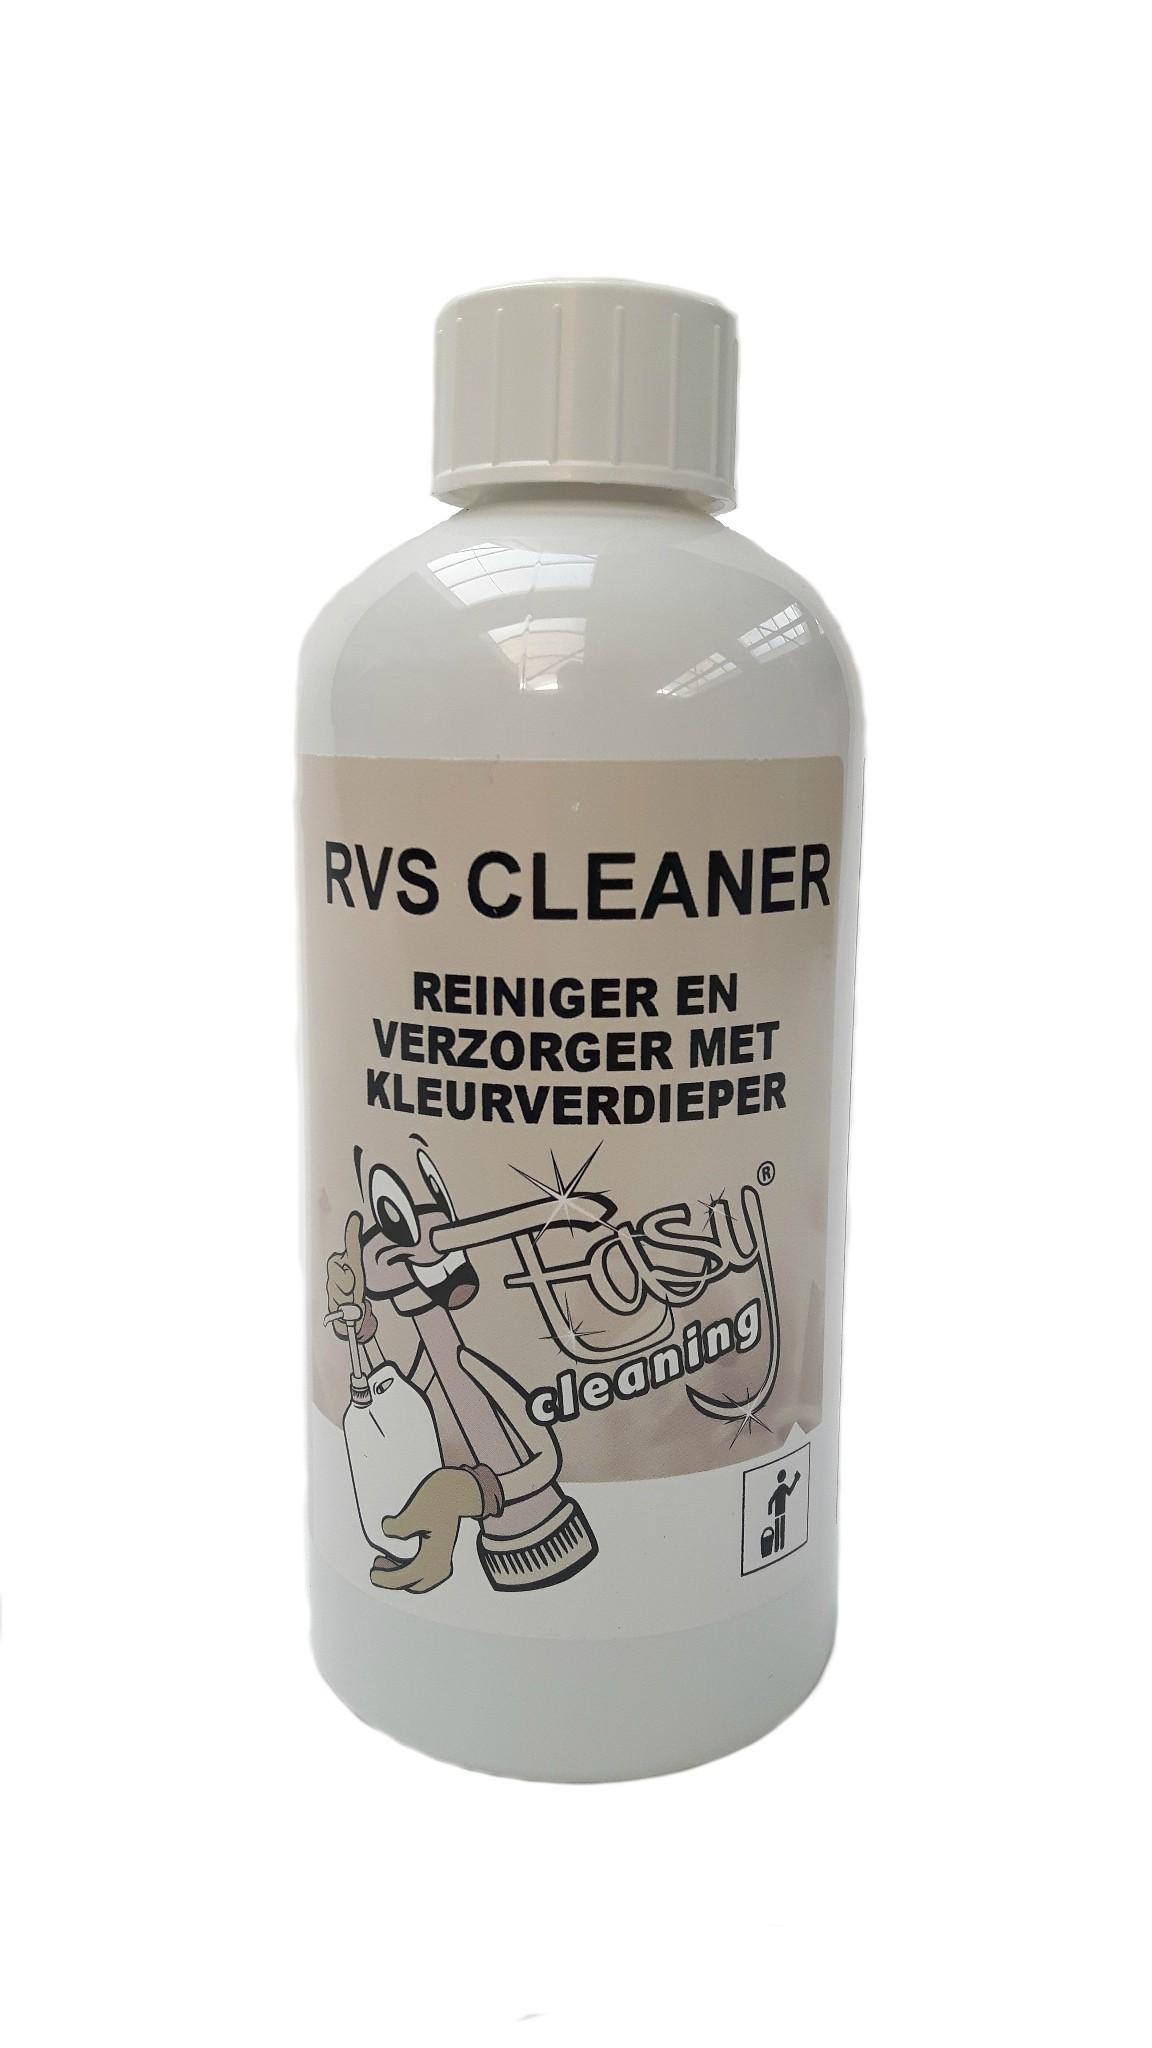 Saniq RVS cleaner 500 ml